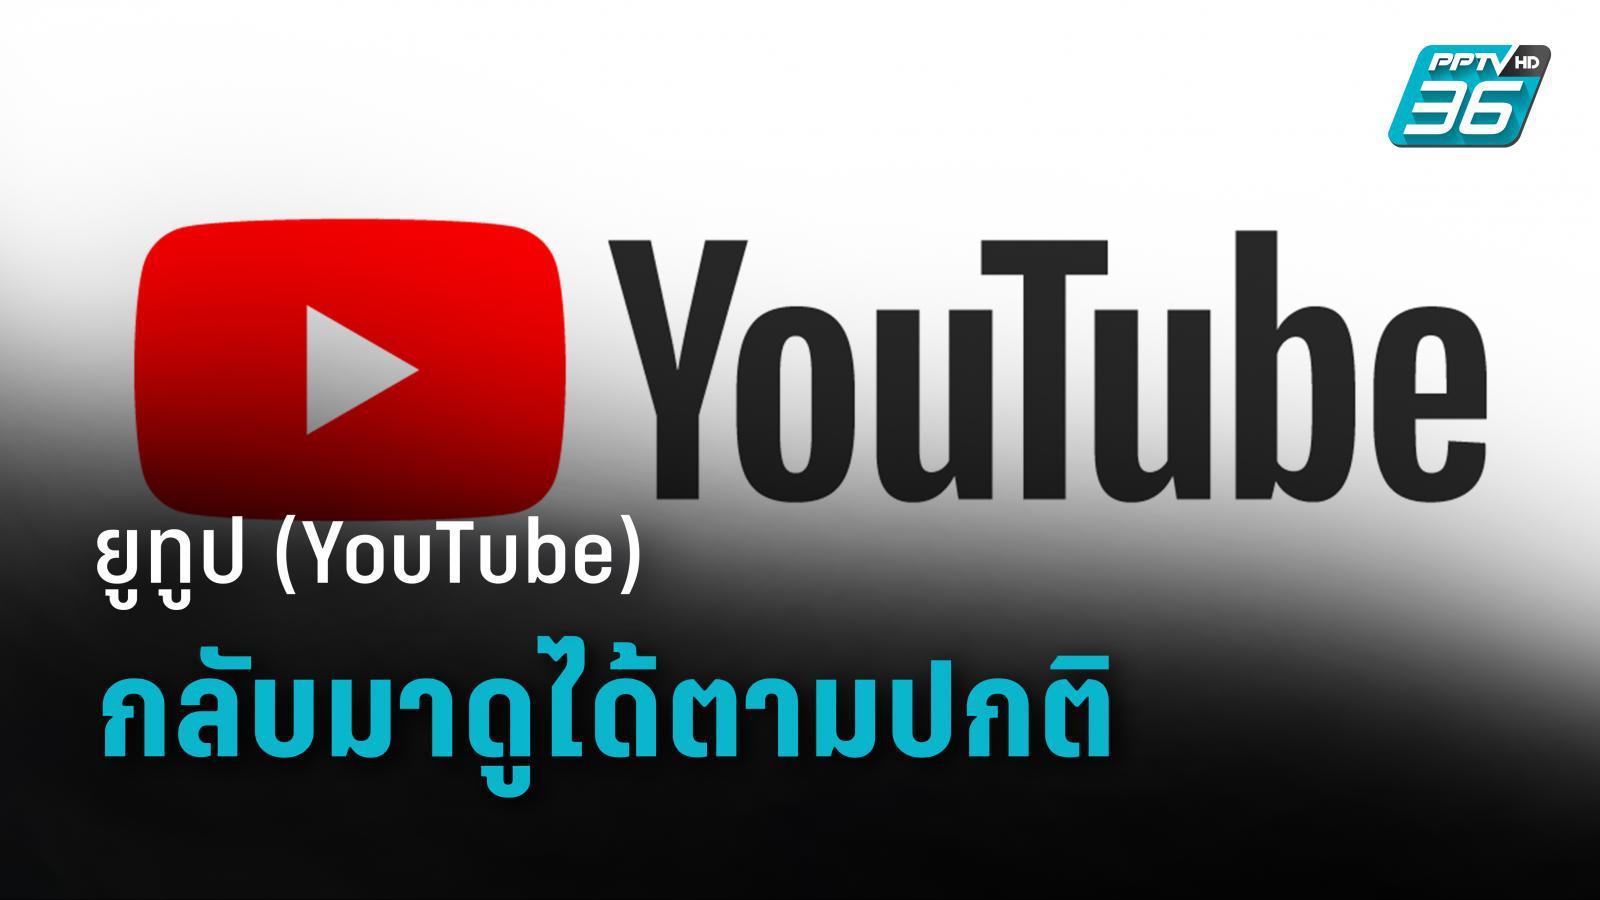 ยูทูป (YouTube) ใช้งานได้ตามปกติแล้ว